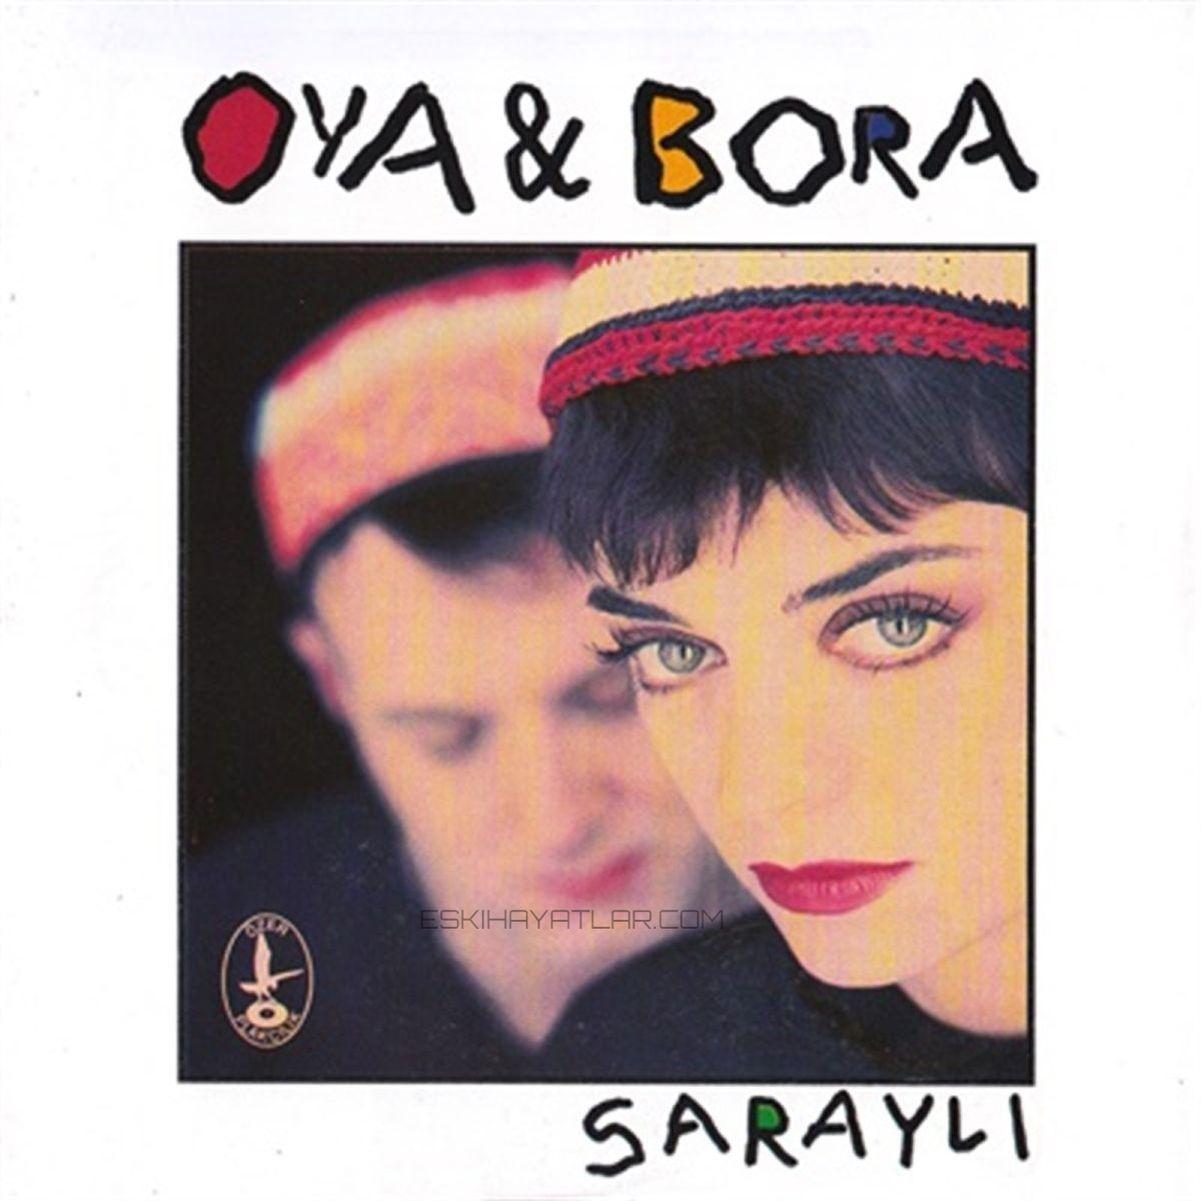 0290-oya-kucumen-1997-bora-ebeoglu-cosmopolitan-dergisi (10)